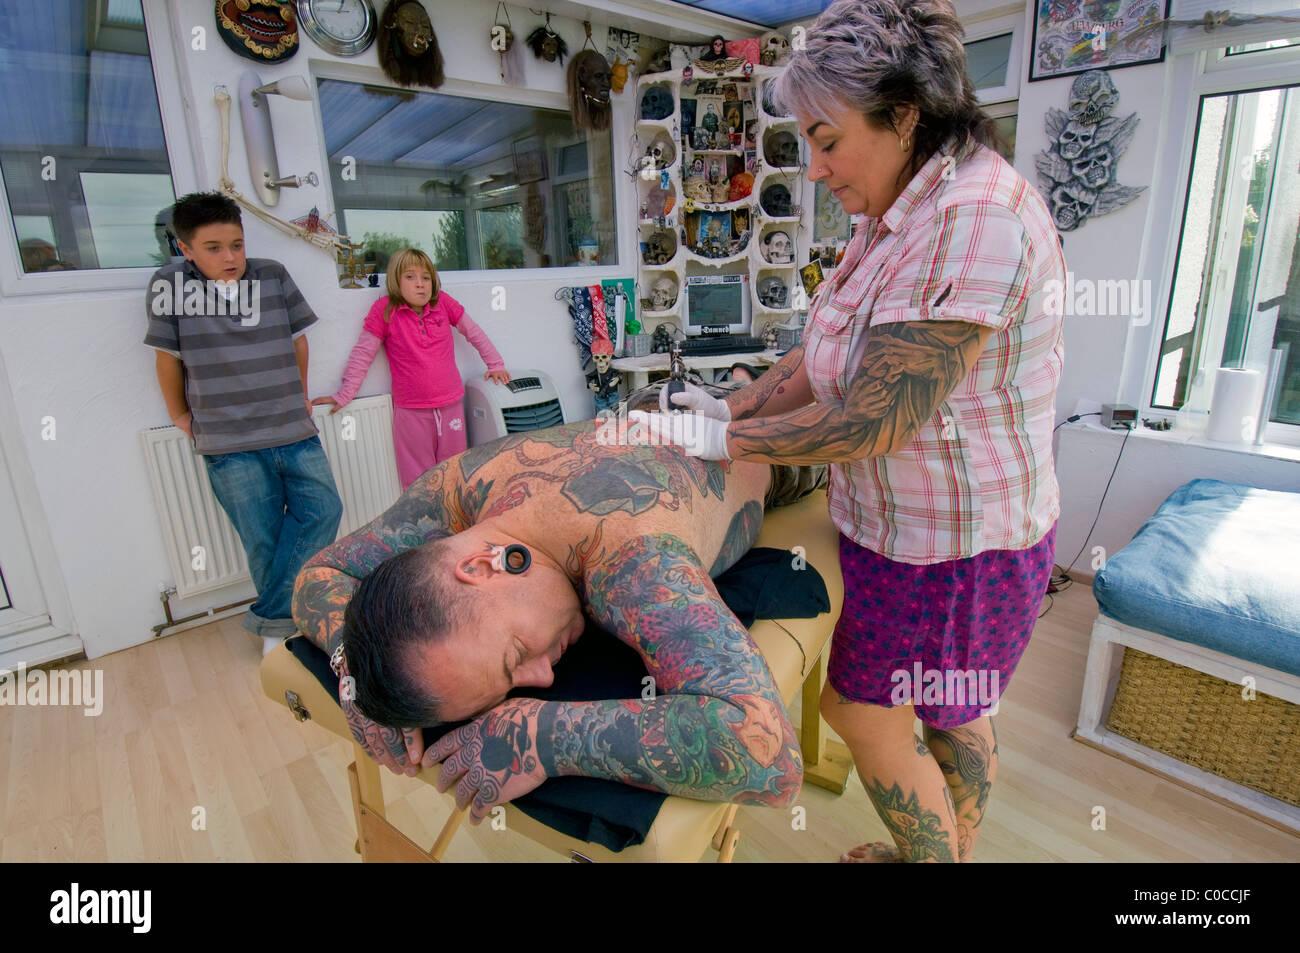 Une femme tatoueur travaille sur un dessin sur son mari est de retour, regardée par leurs deux enfants s'ennuyer. Photo Stock